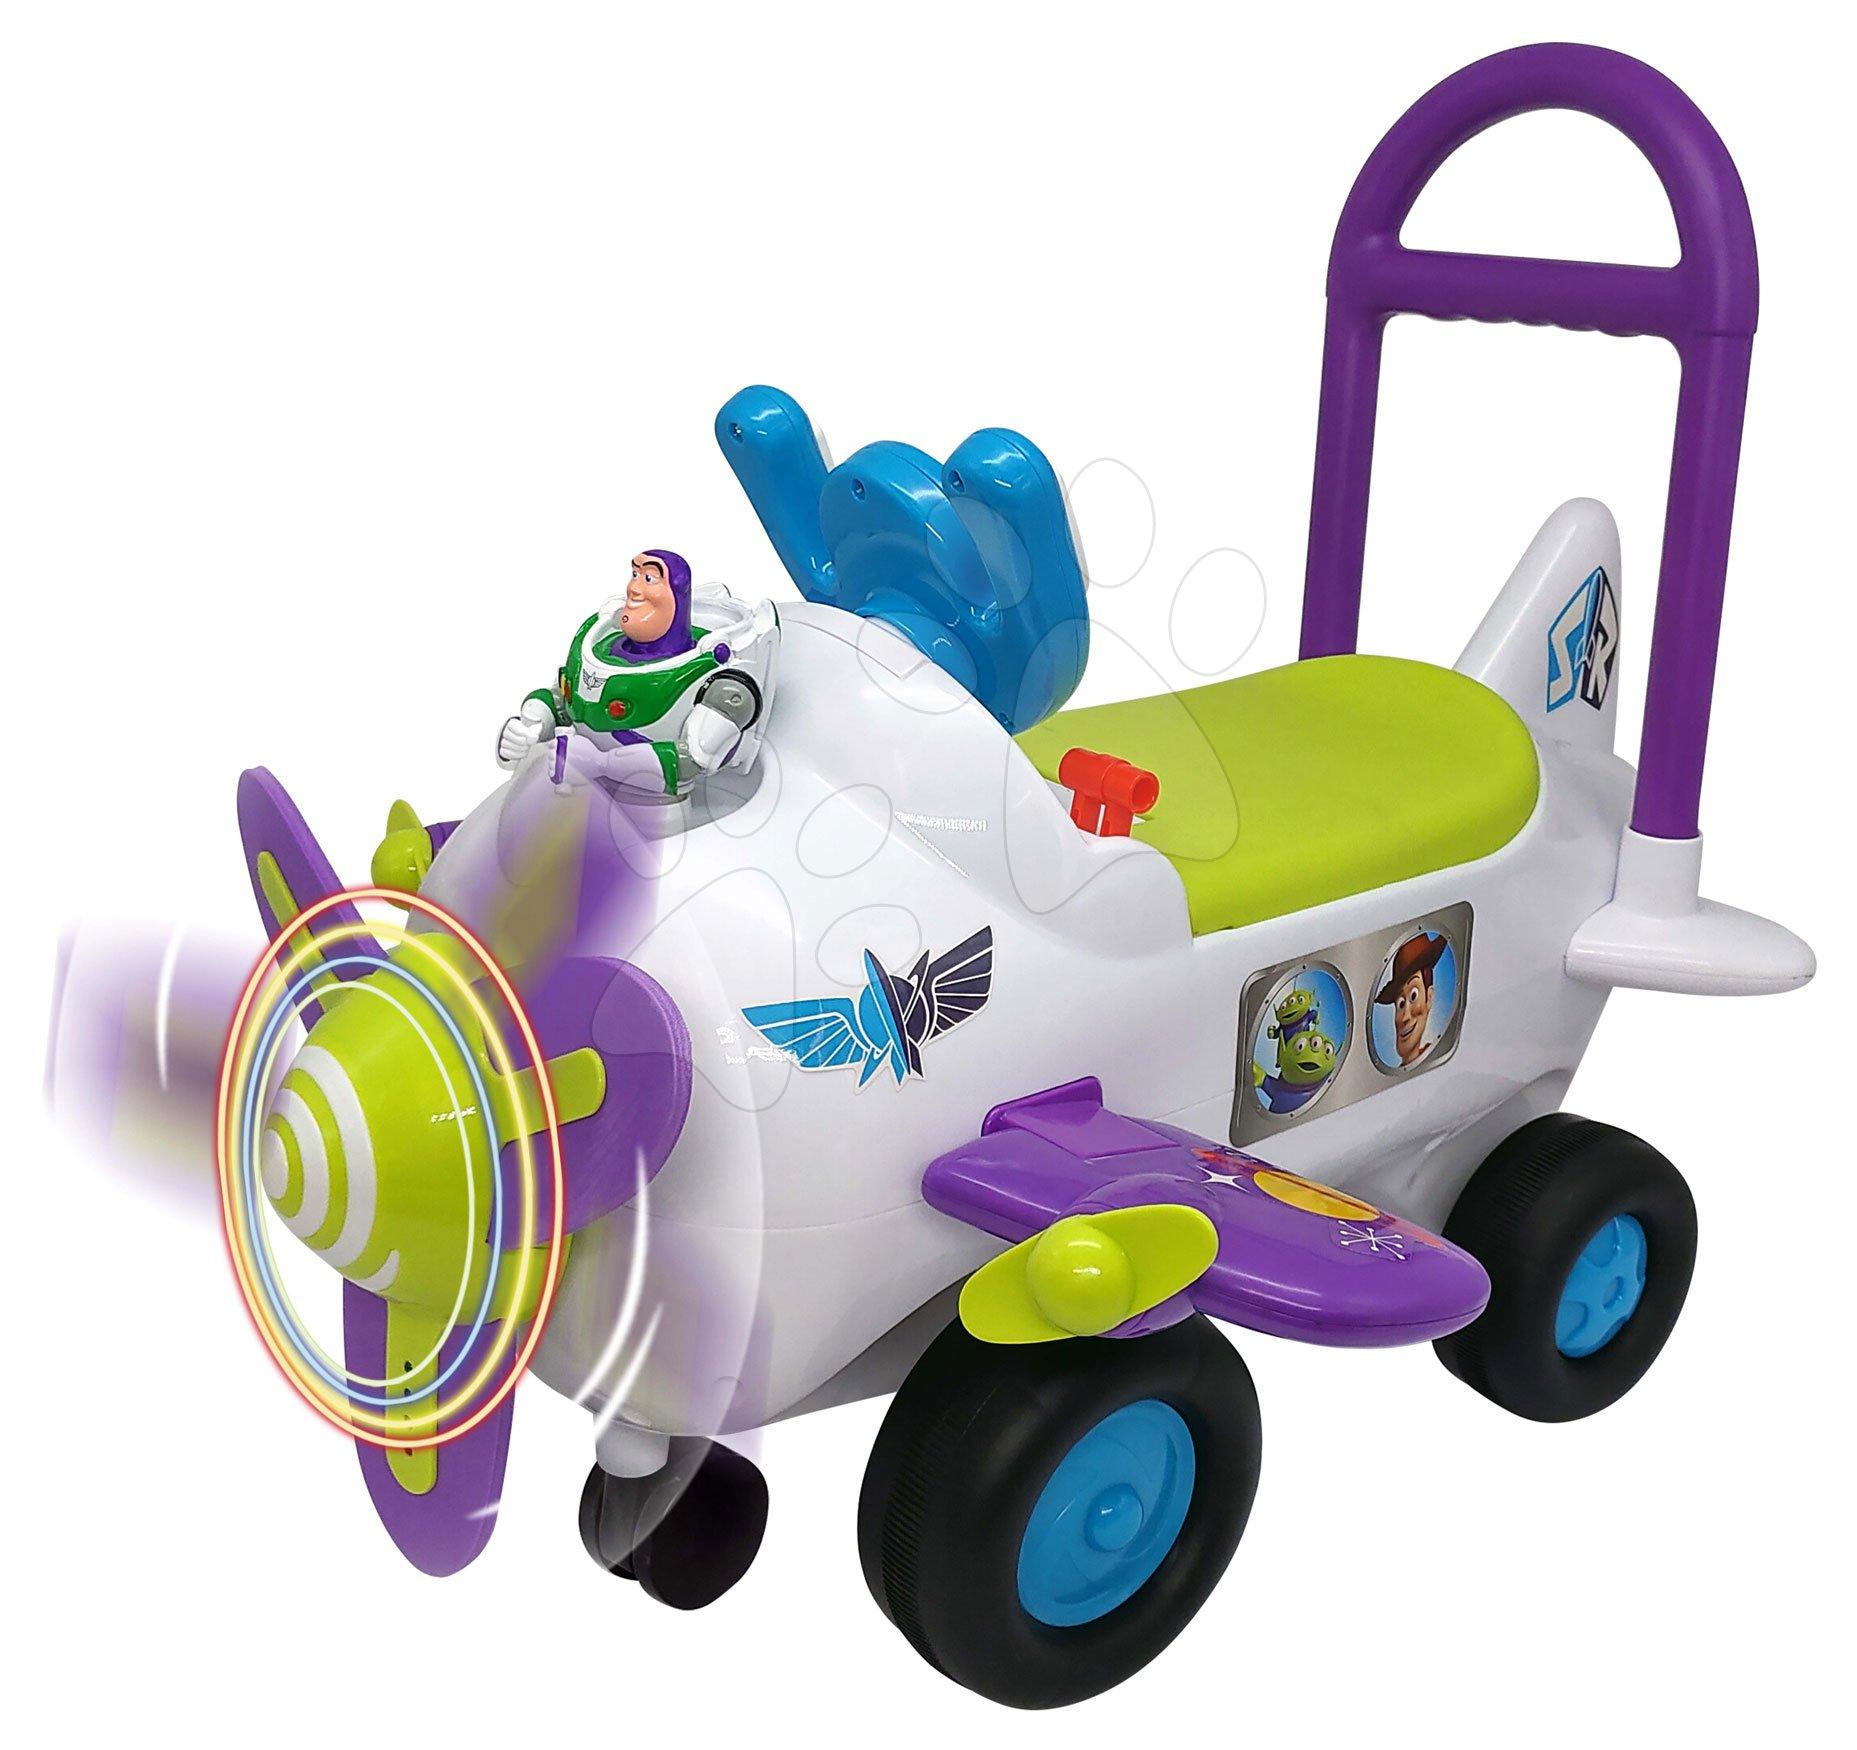 Odrážadlá so zvukom - Odrážadlo lietadlo Buzz Lightyear Toy Story Kiddieland so zvukom a svetlom od 12 mes